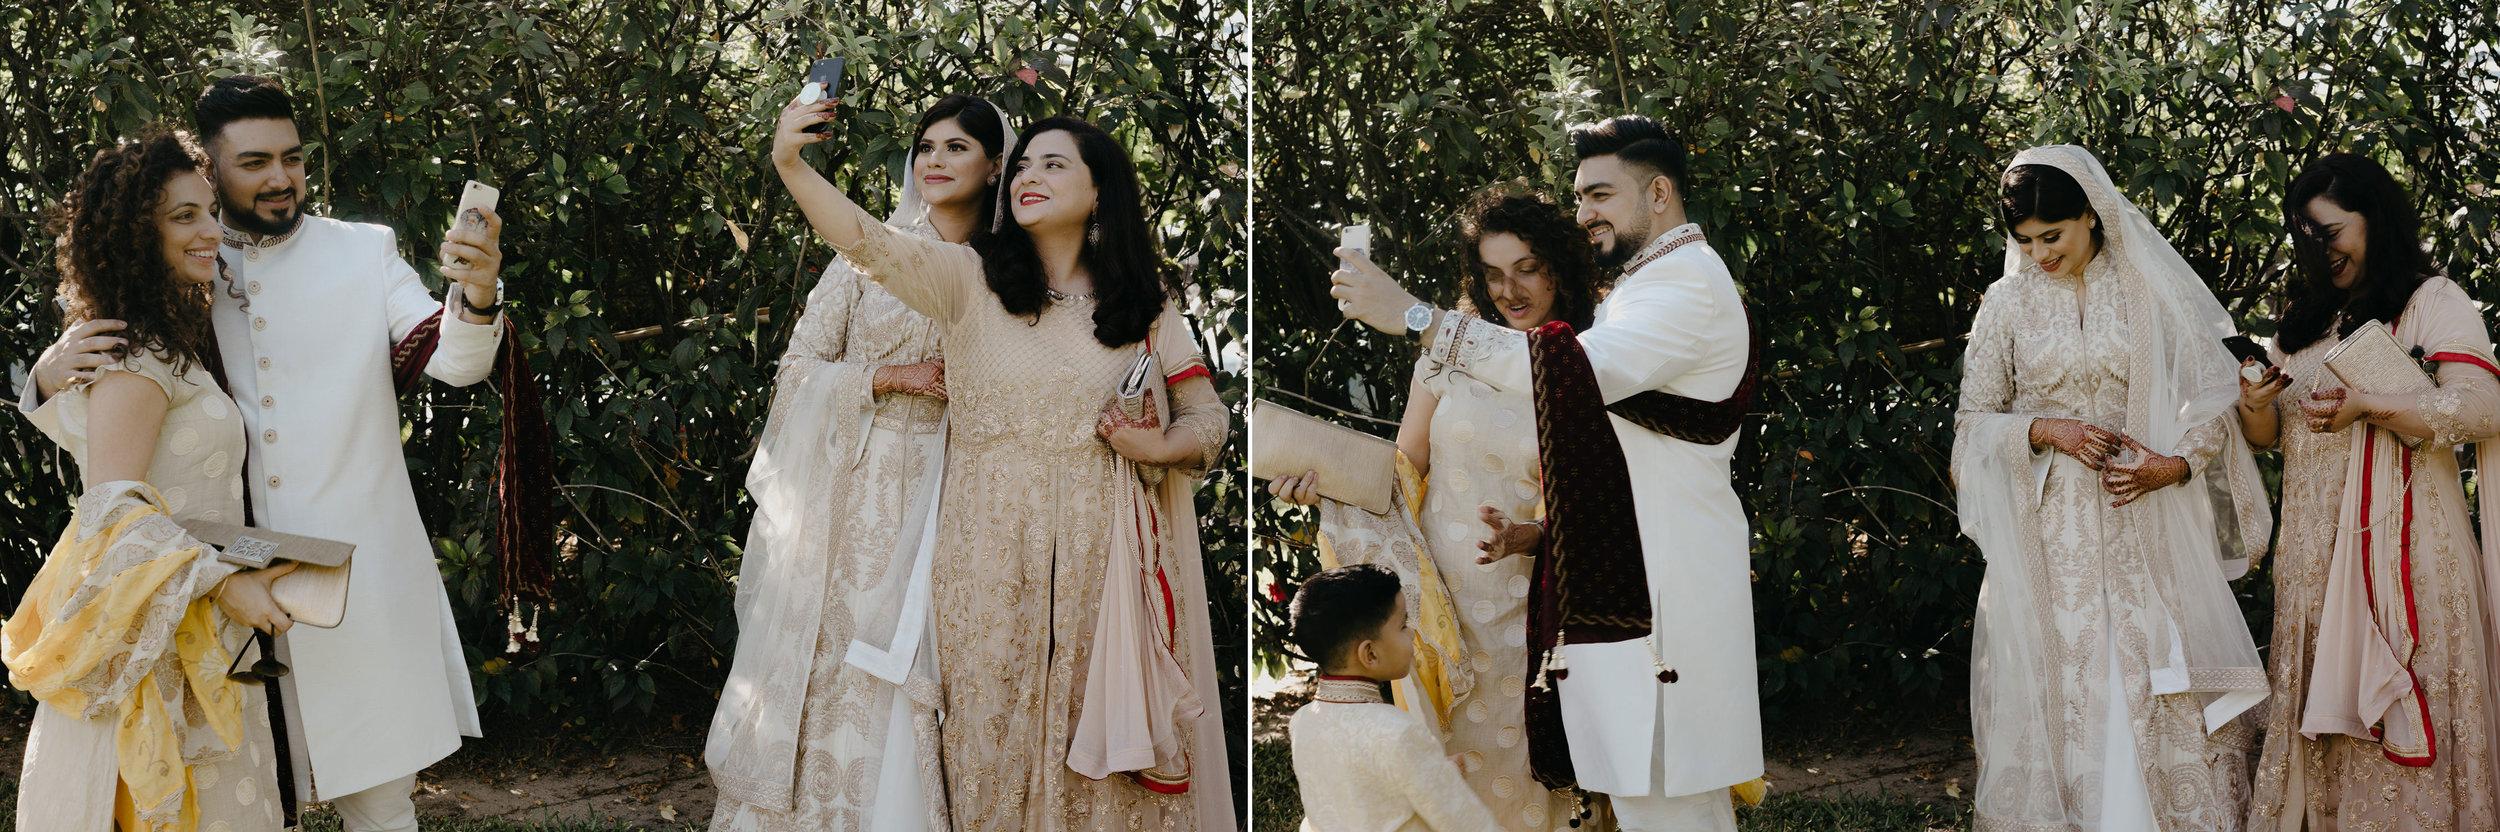 wedding portraits selfies photography indian